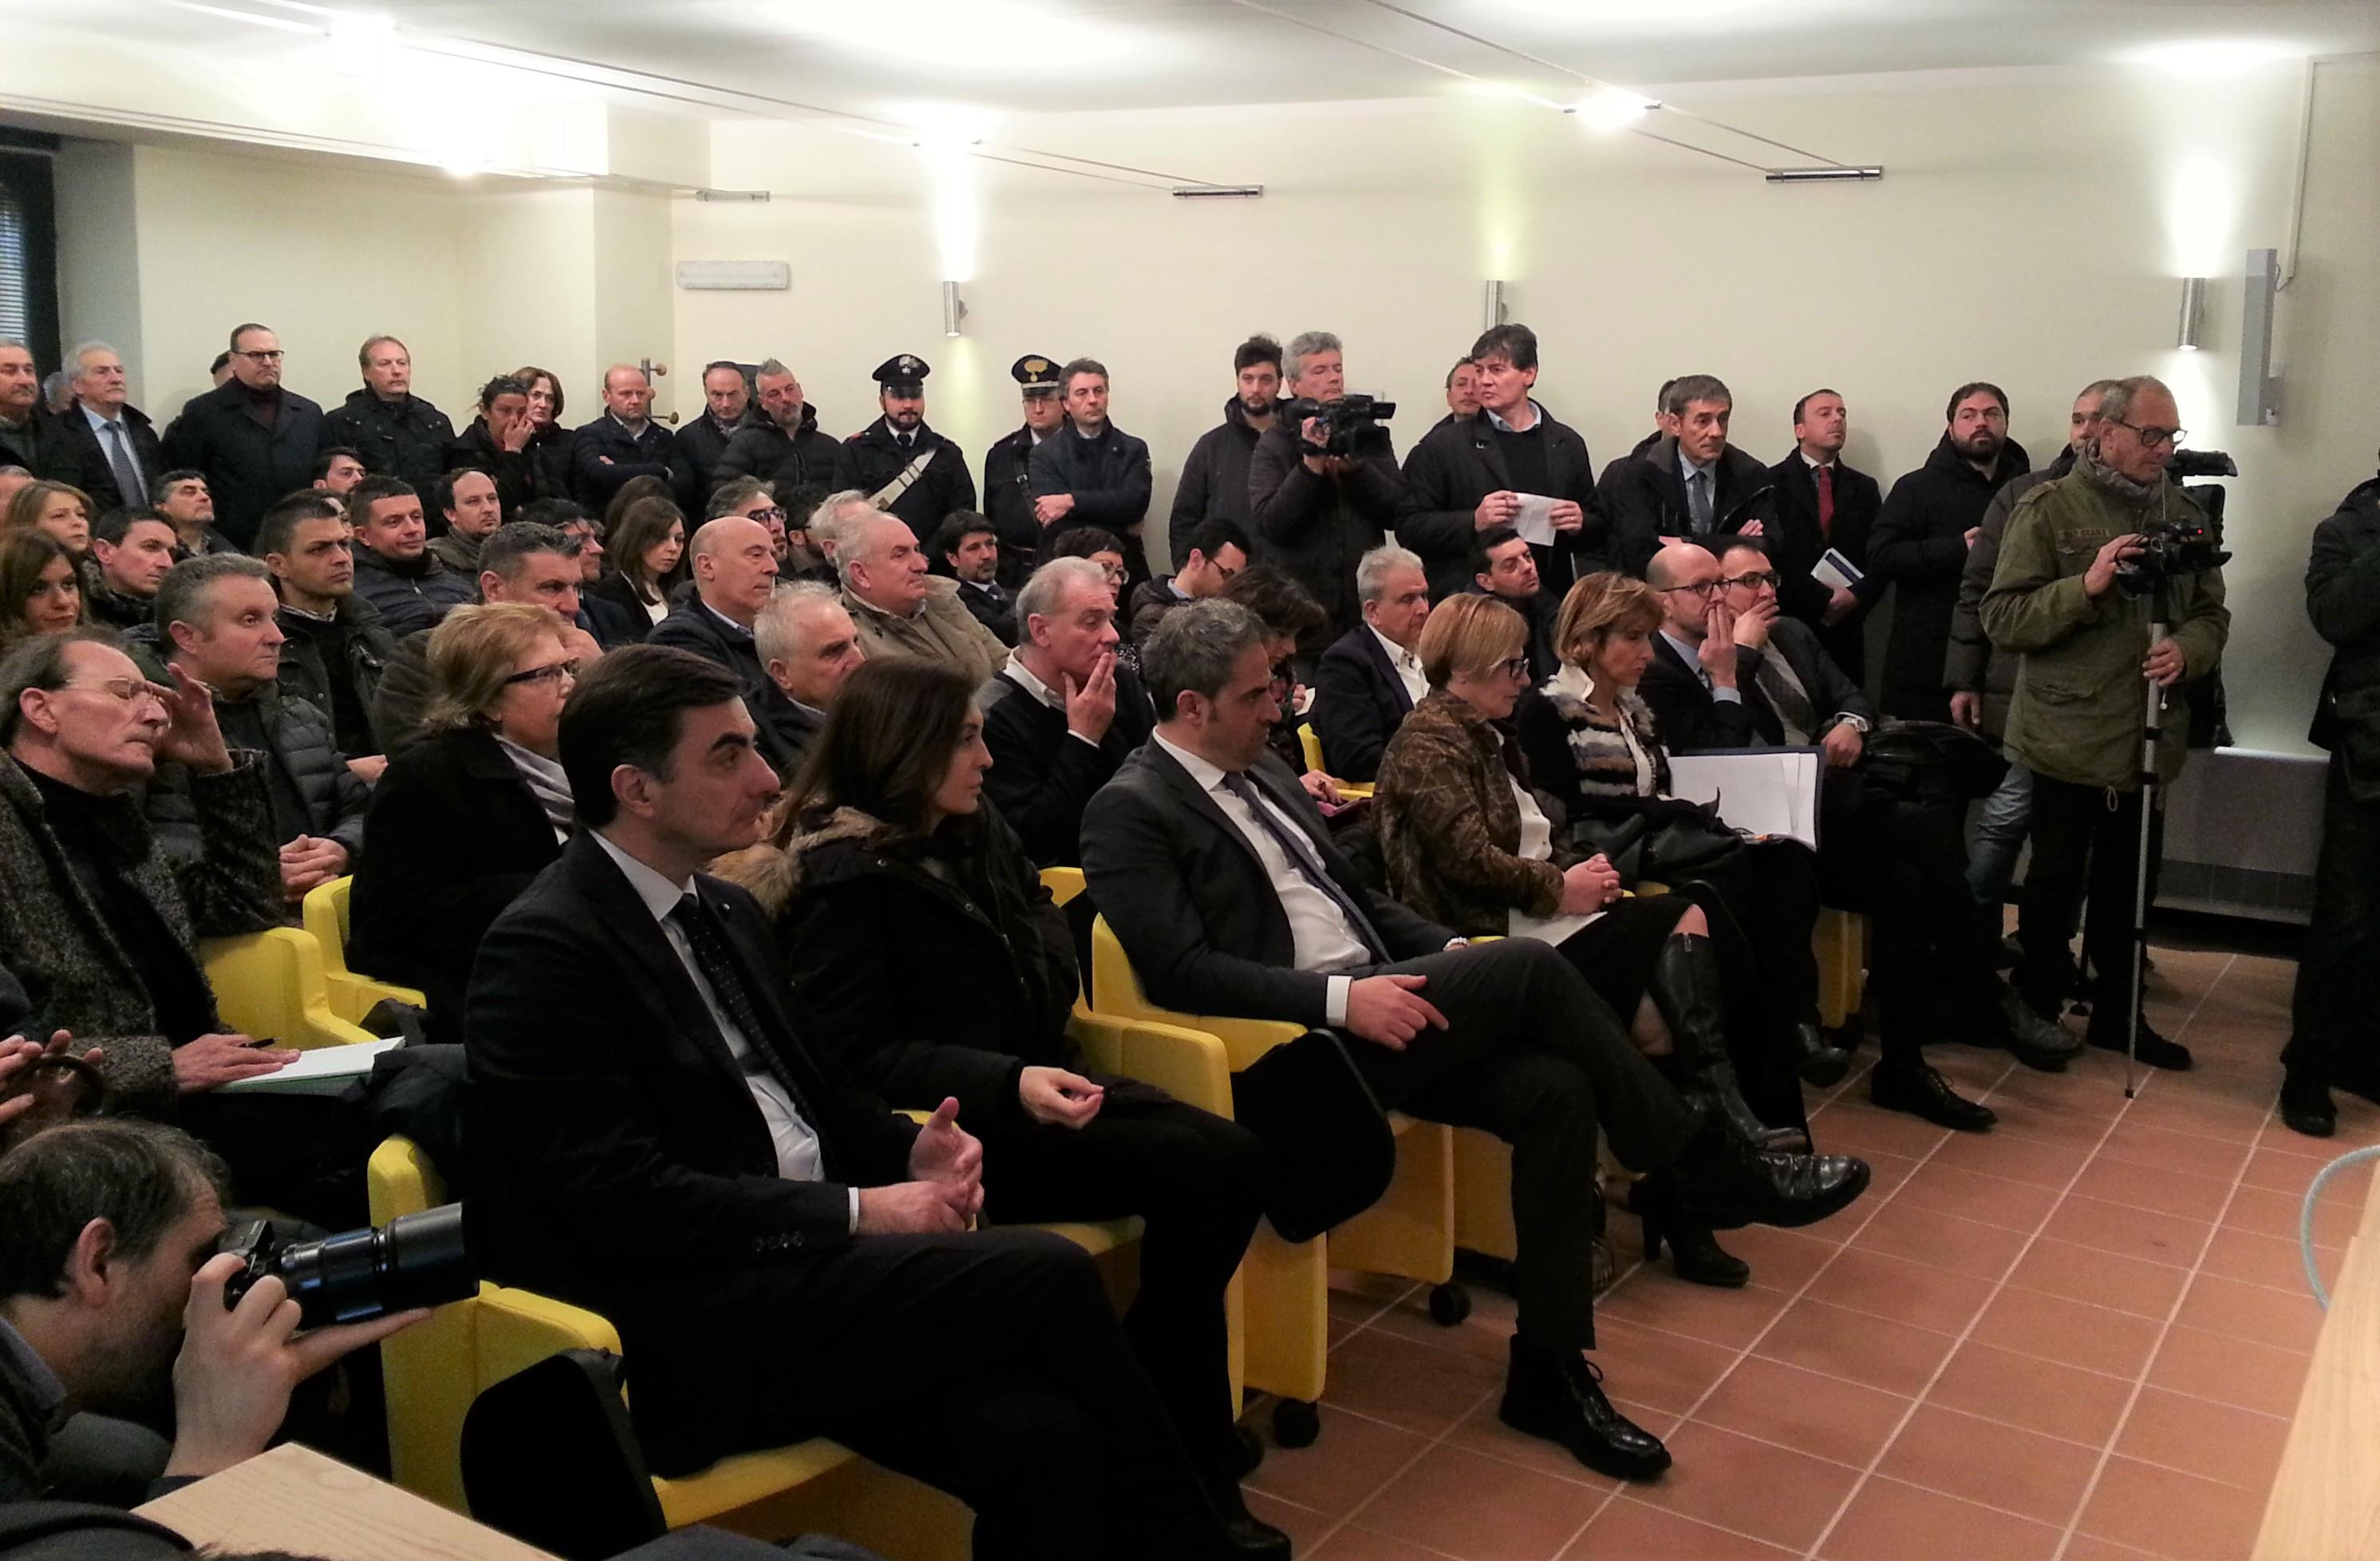 La prima fila del pubblico